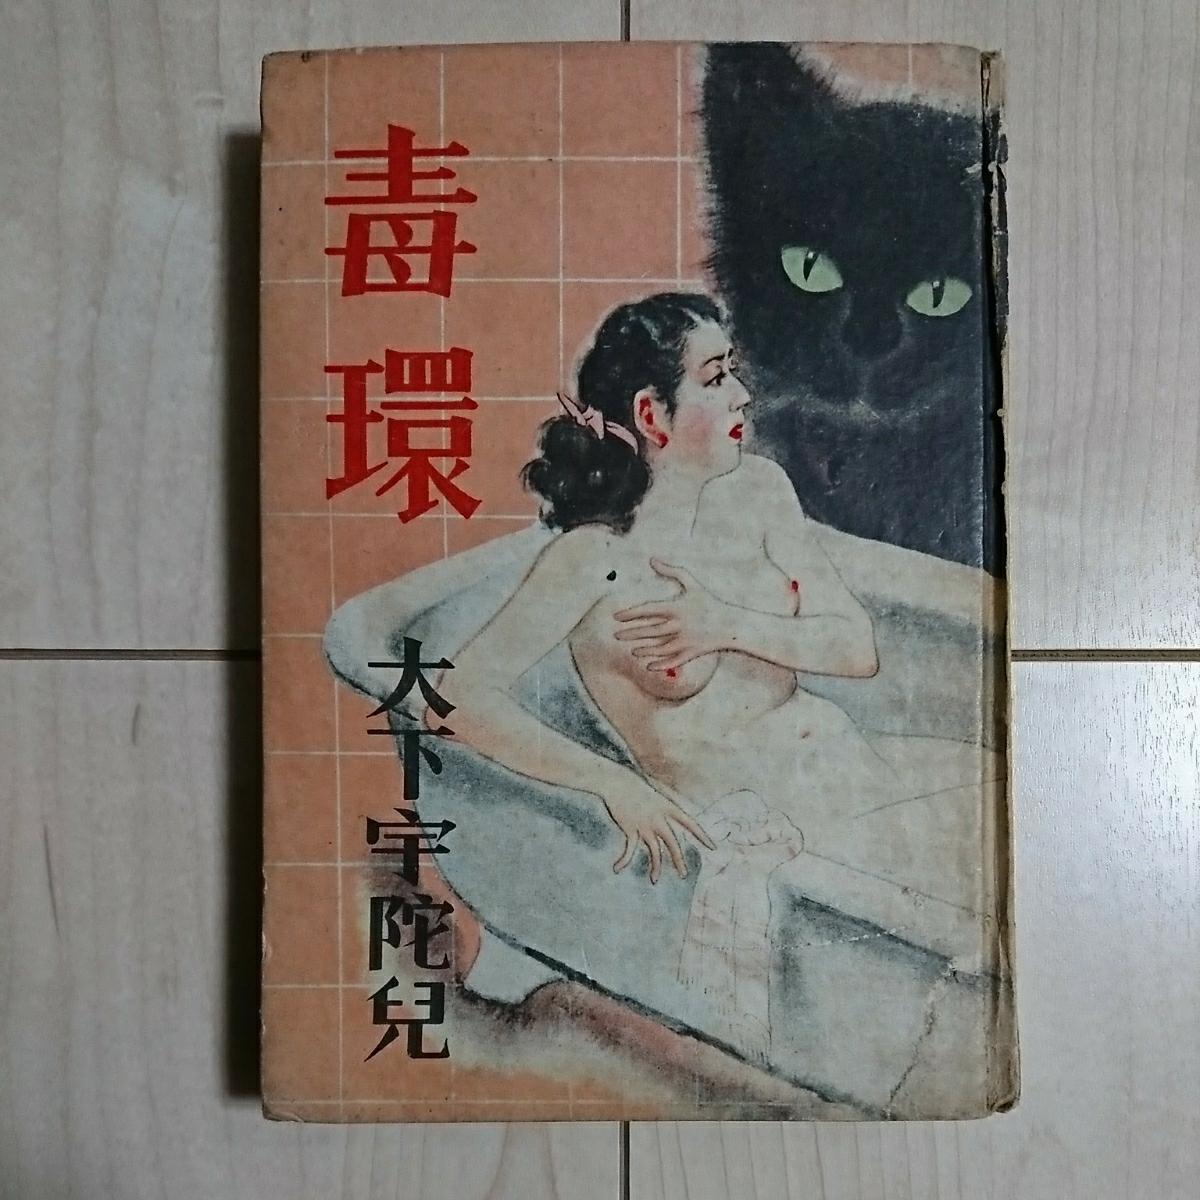 探偵小説『毒環』大下宇陀児著。装幀口繪・林唯一。昭和24年初版裸本。大日本雄辨會講談社刊。